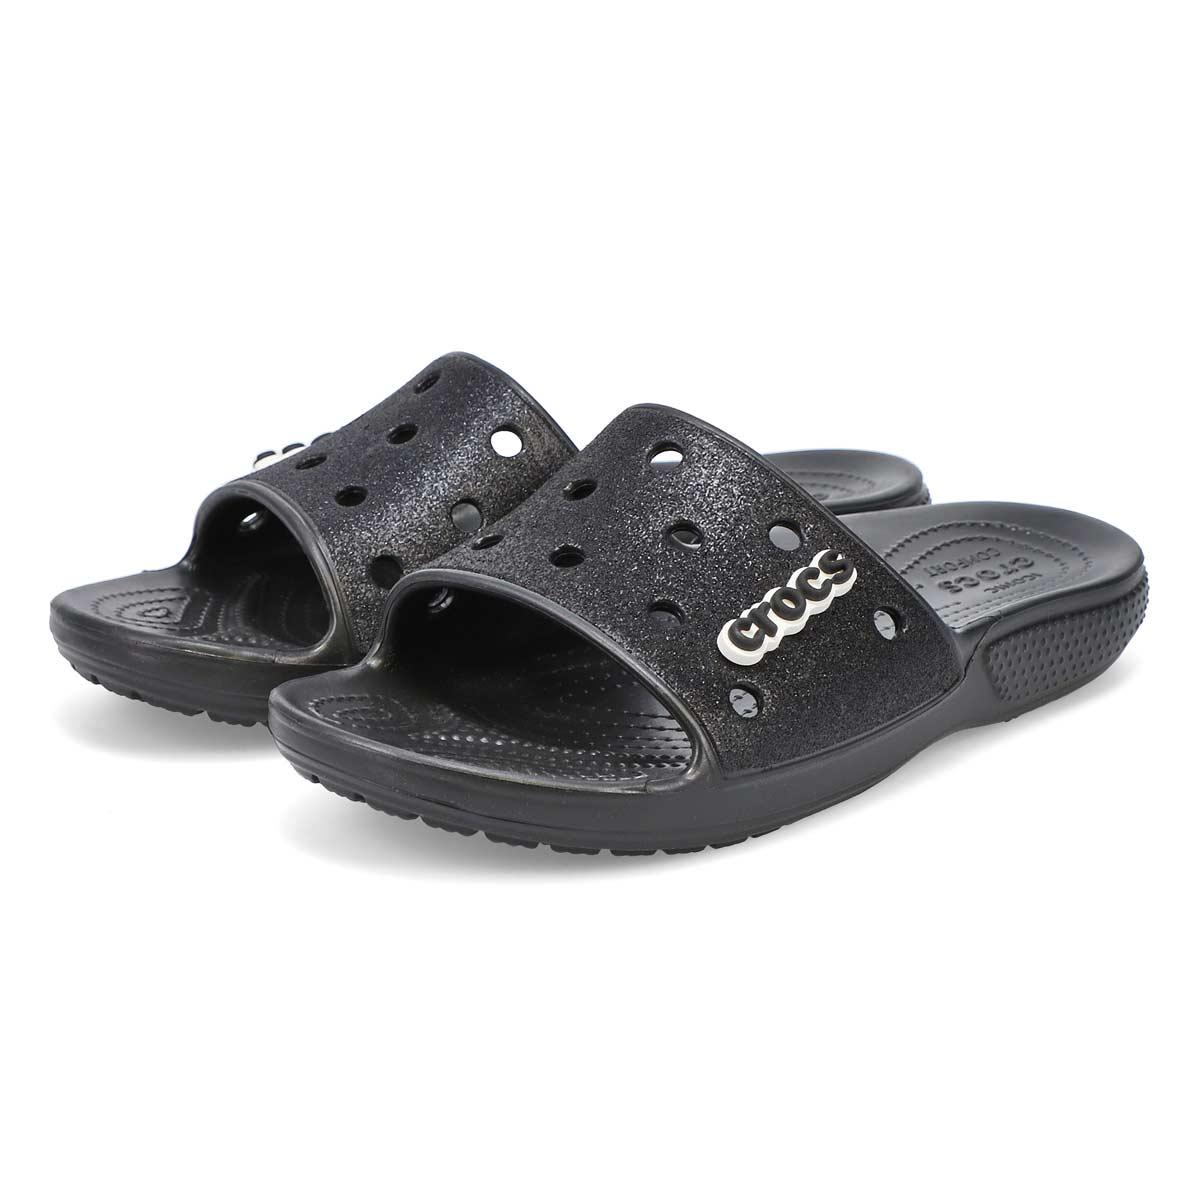 Women's Classic Crocs Sandal - Glitter